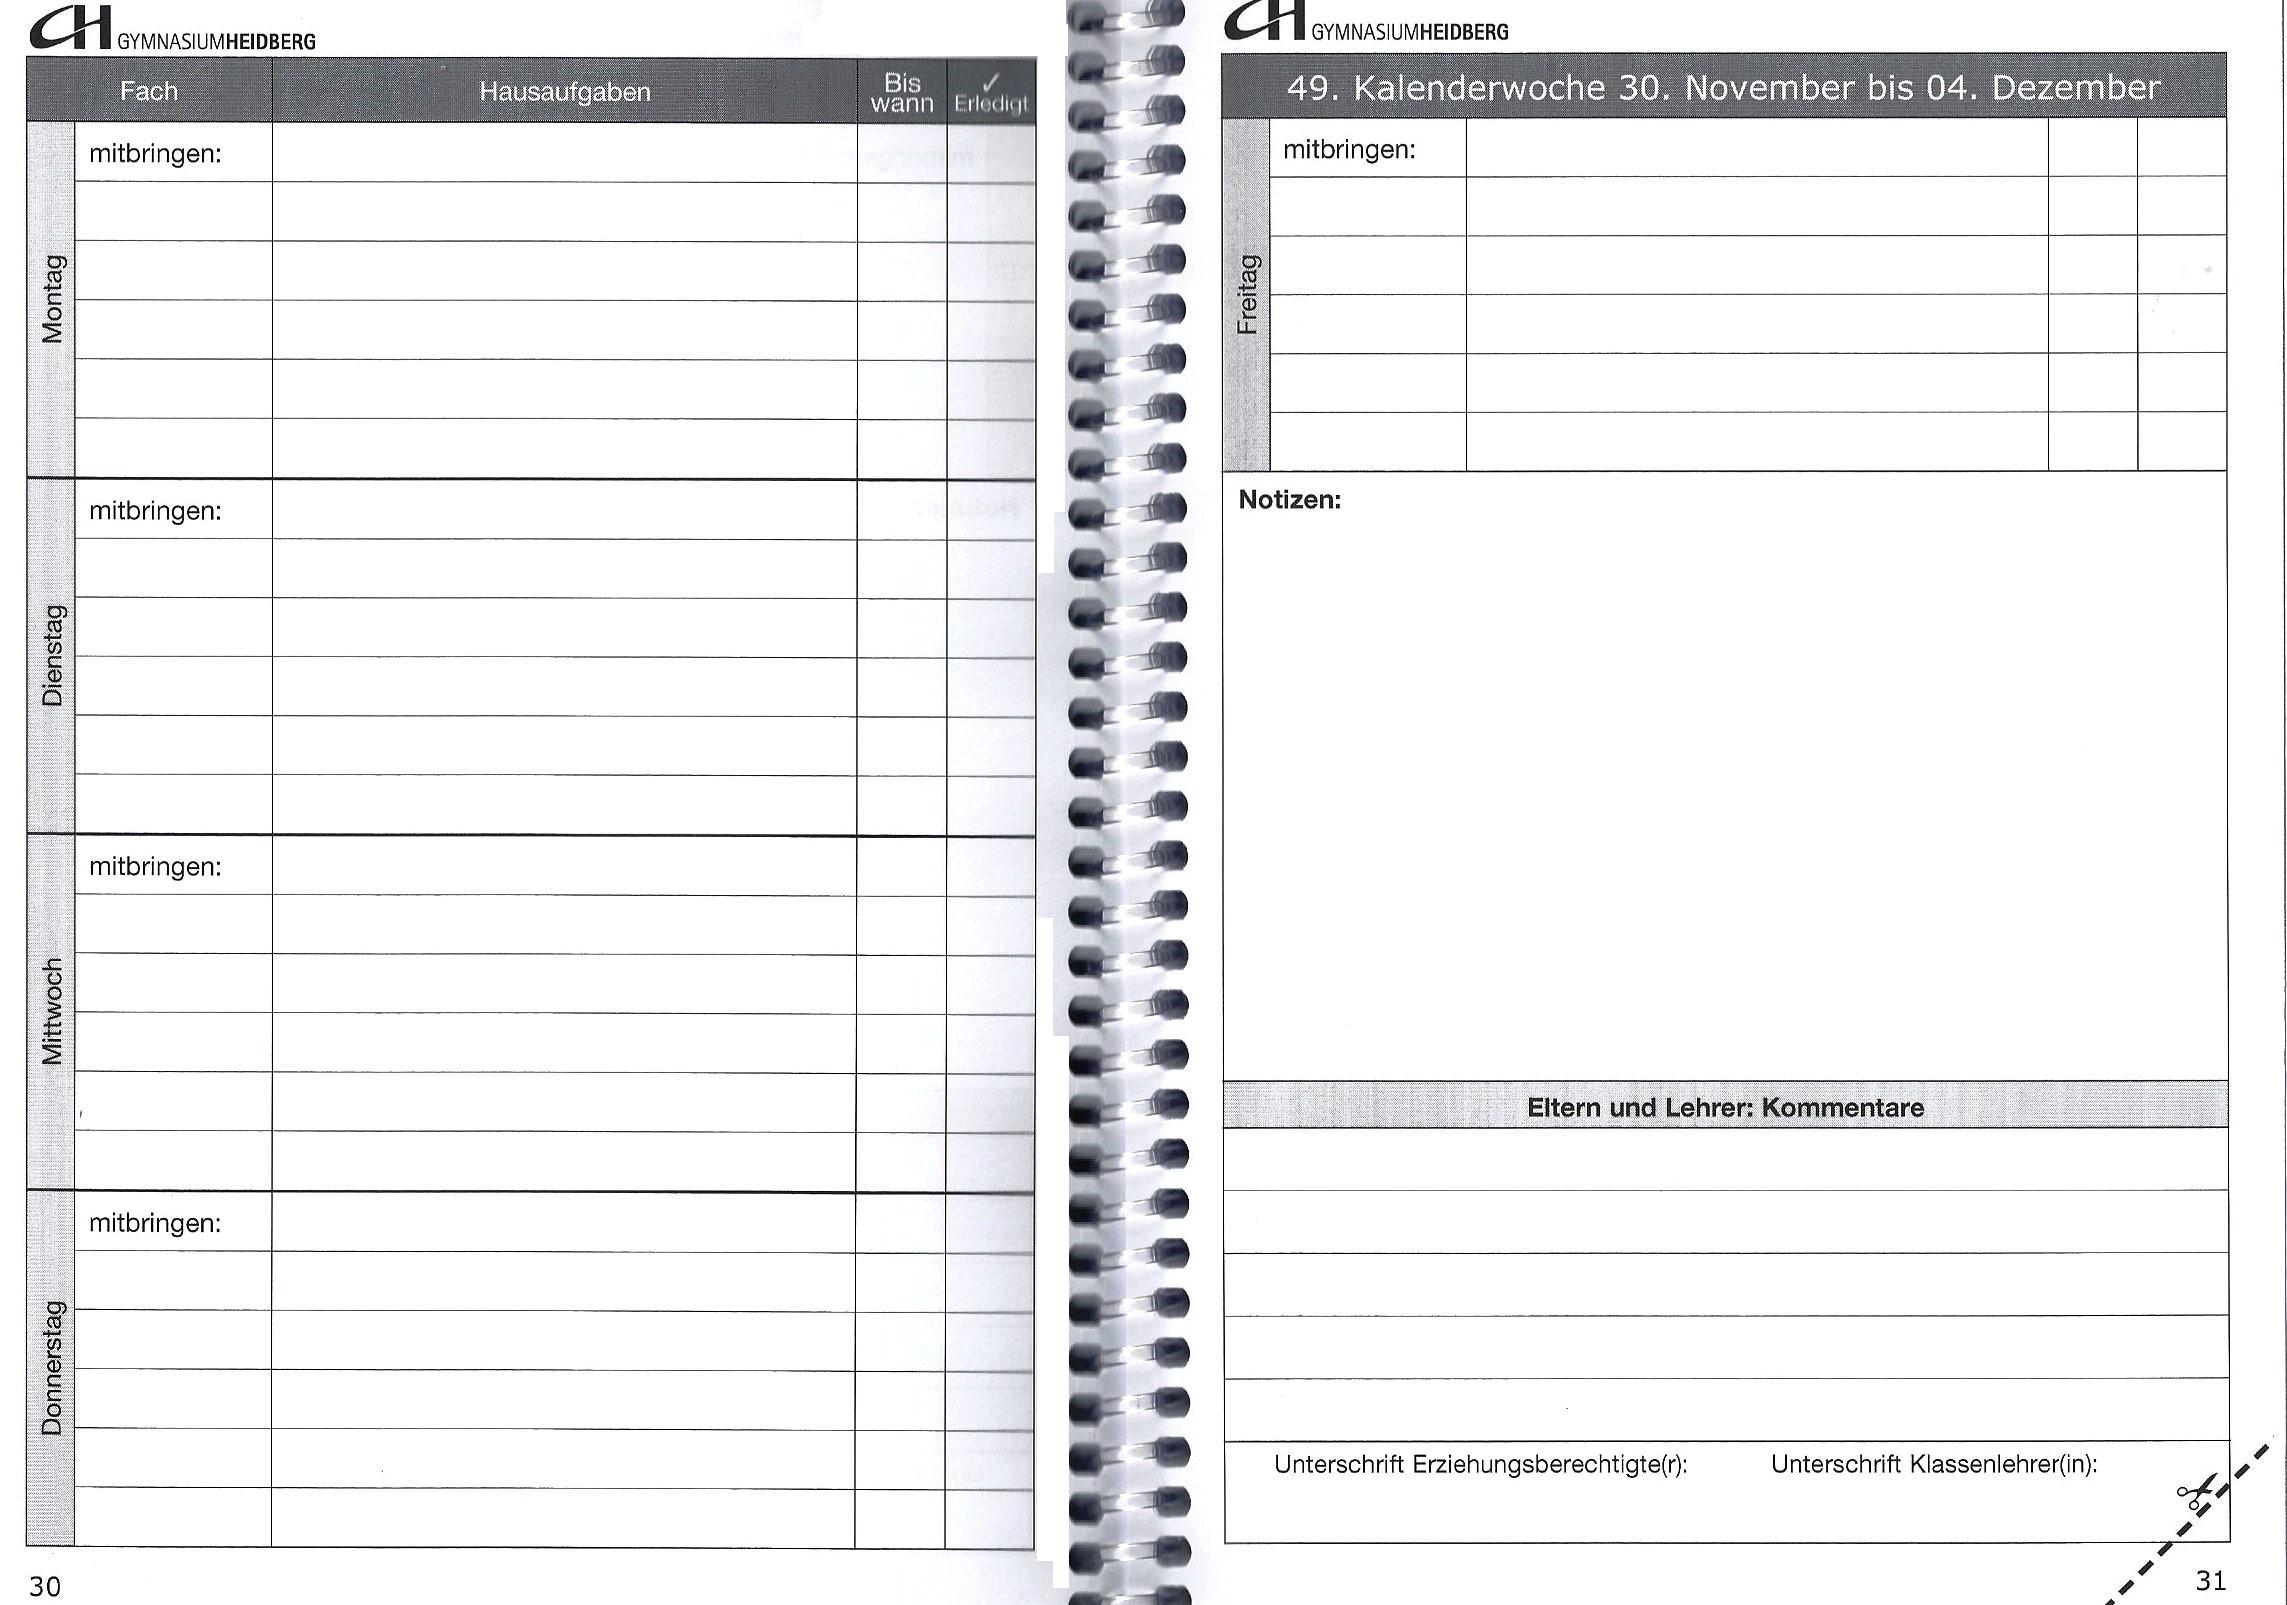 Tolle Hausaufgaben Agenda Vorlage Zeitgenössisch - Beispiel ...